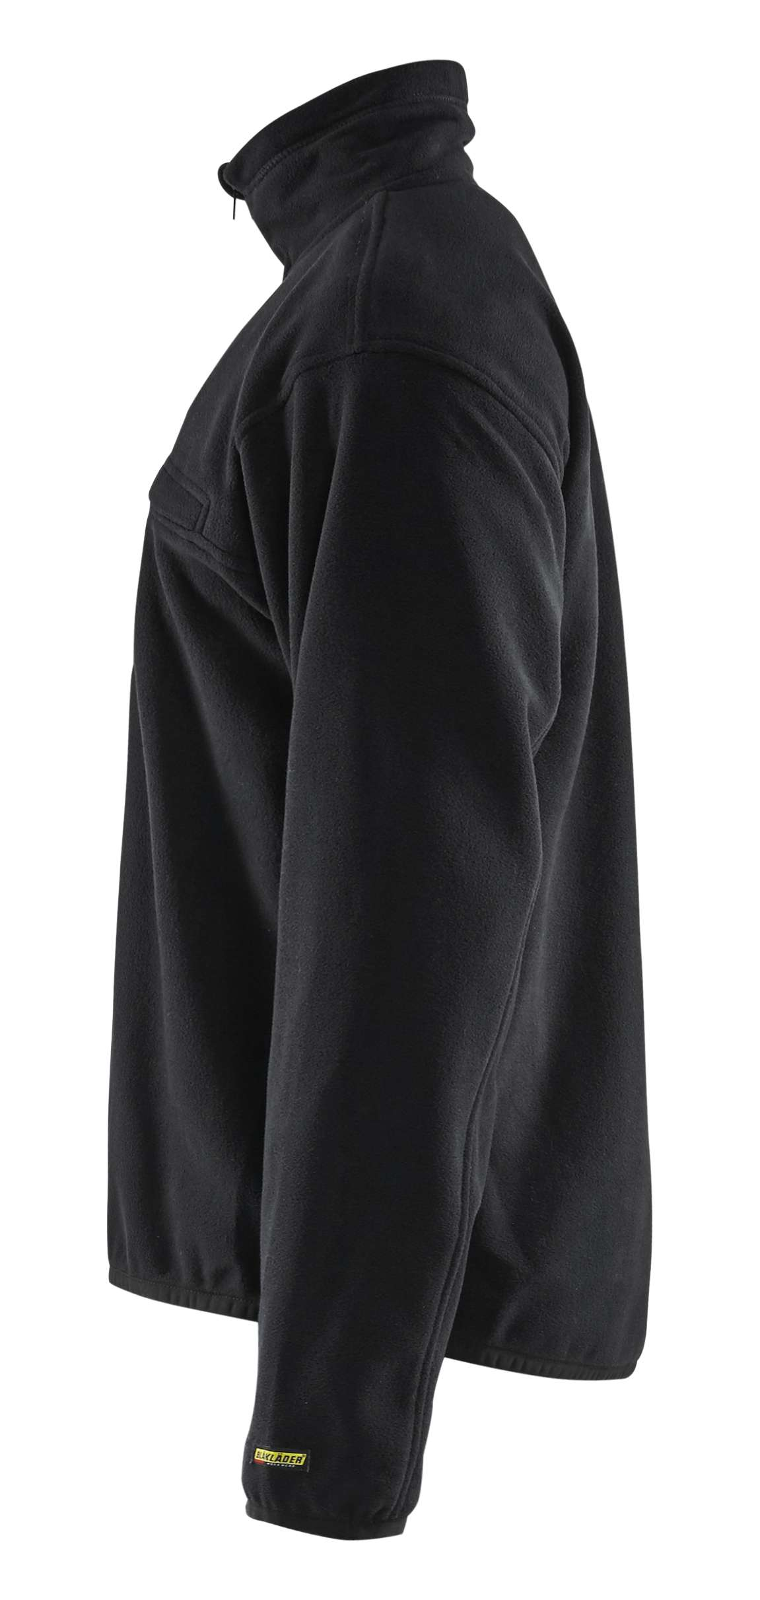 Blaklader Truien 48312540 zwart(9900)